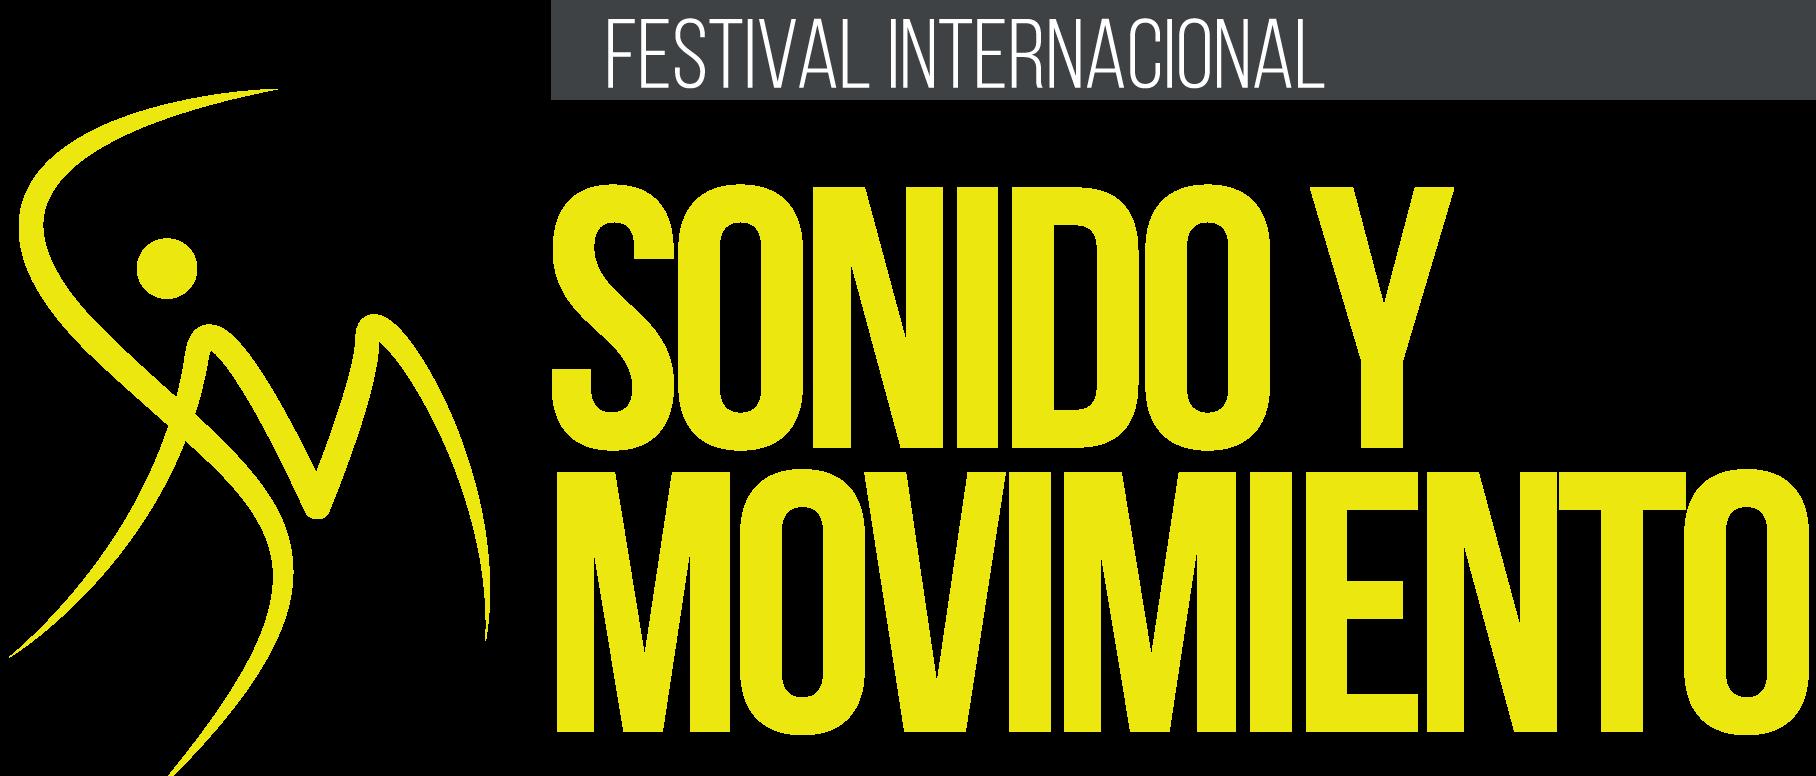 Festival Internacional Sonido y Movimiento